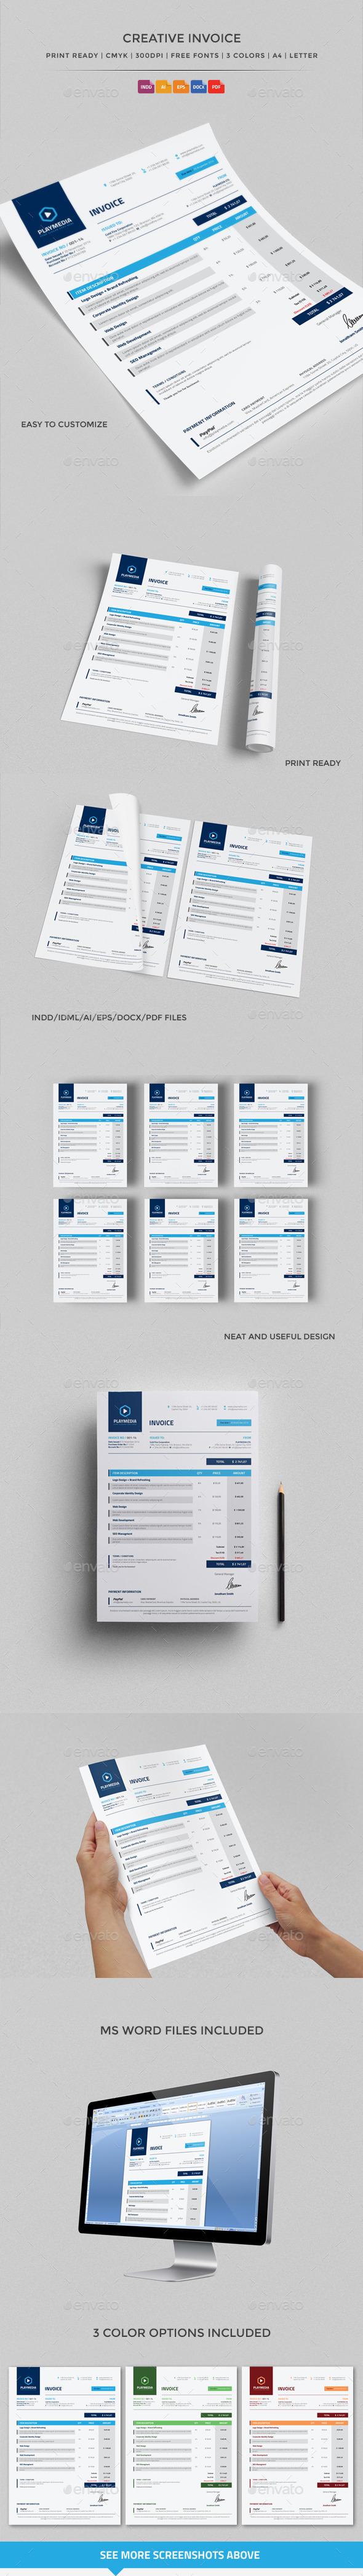 GraphicRiver Creative Invoice 10486288